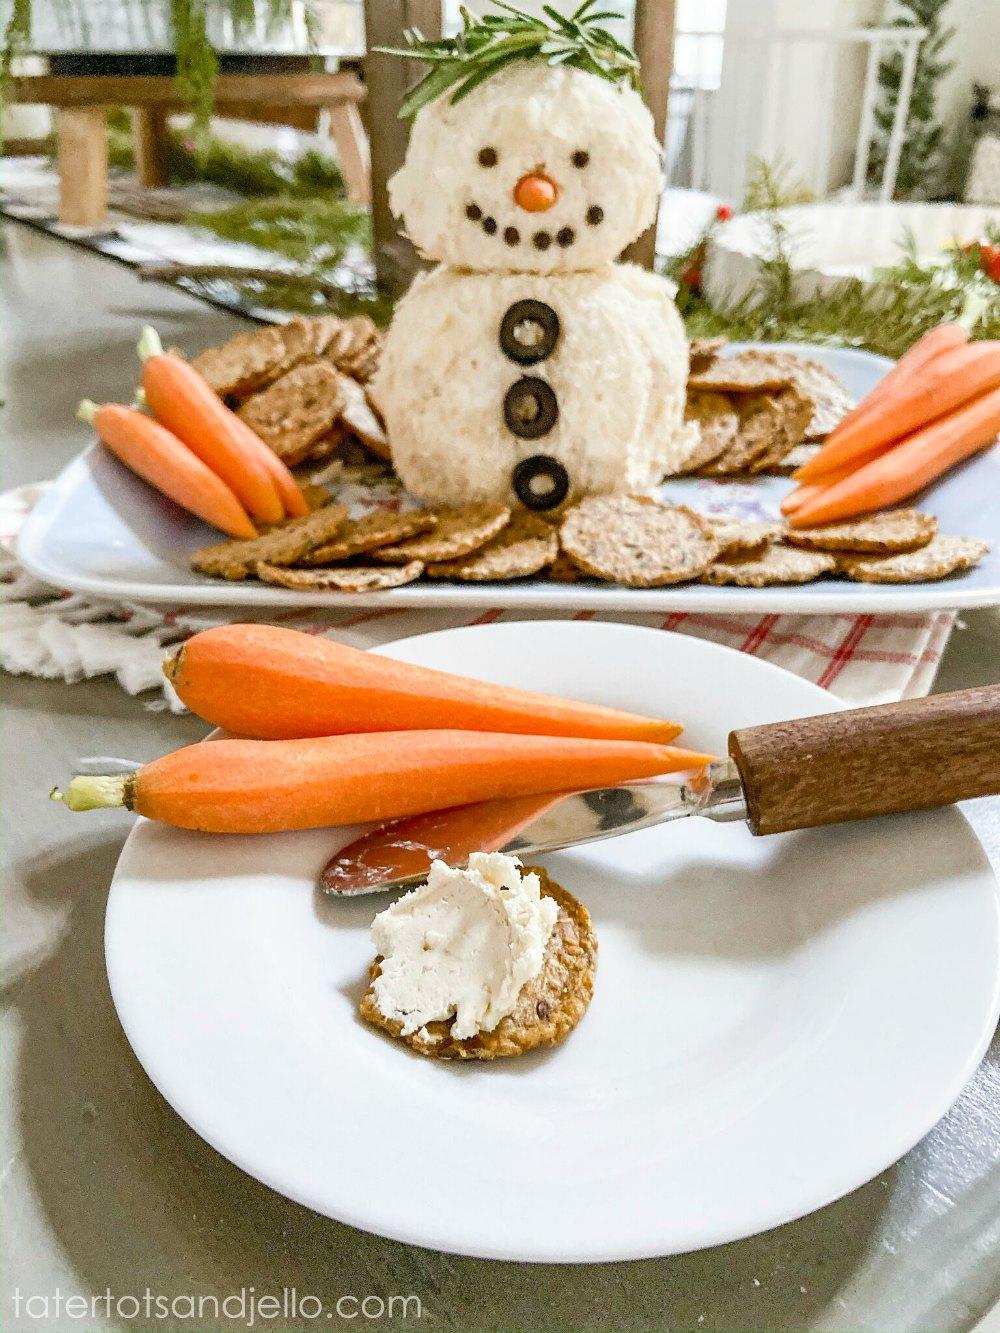 15-Minute Snowman White Cheese Ball Recipe